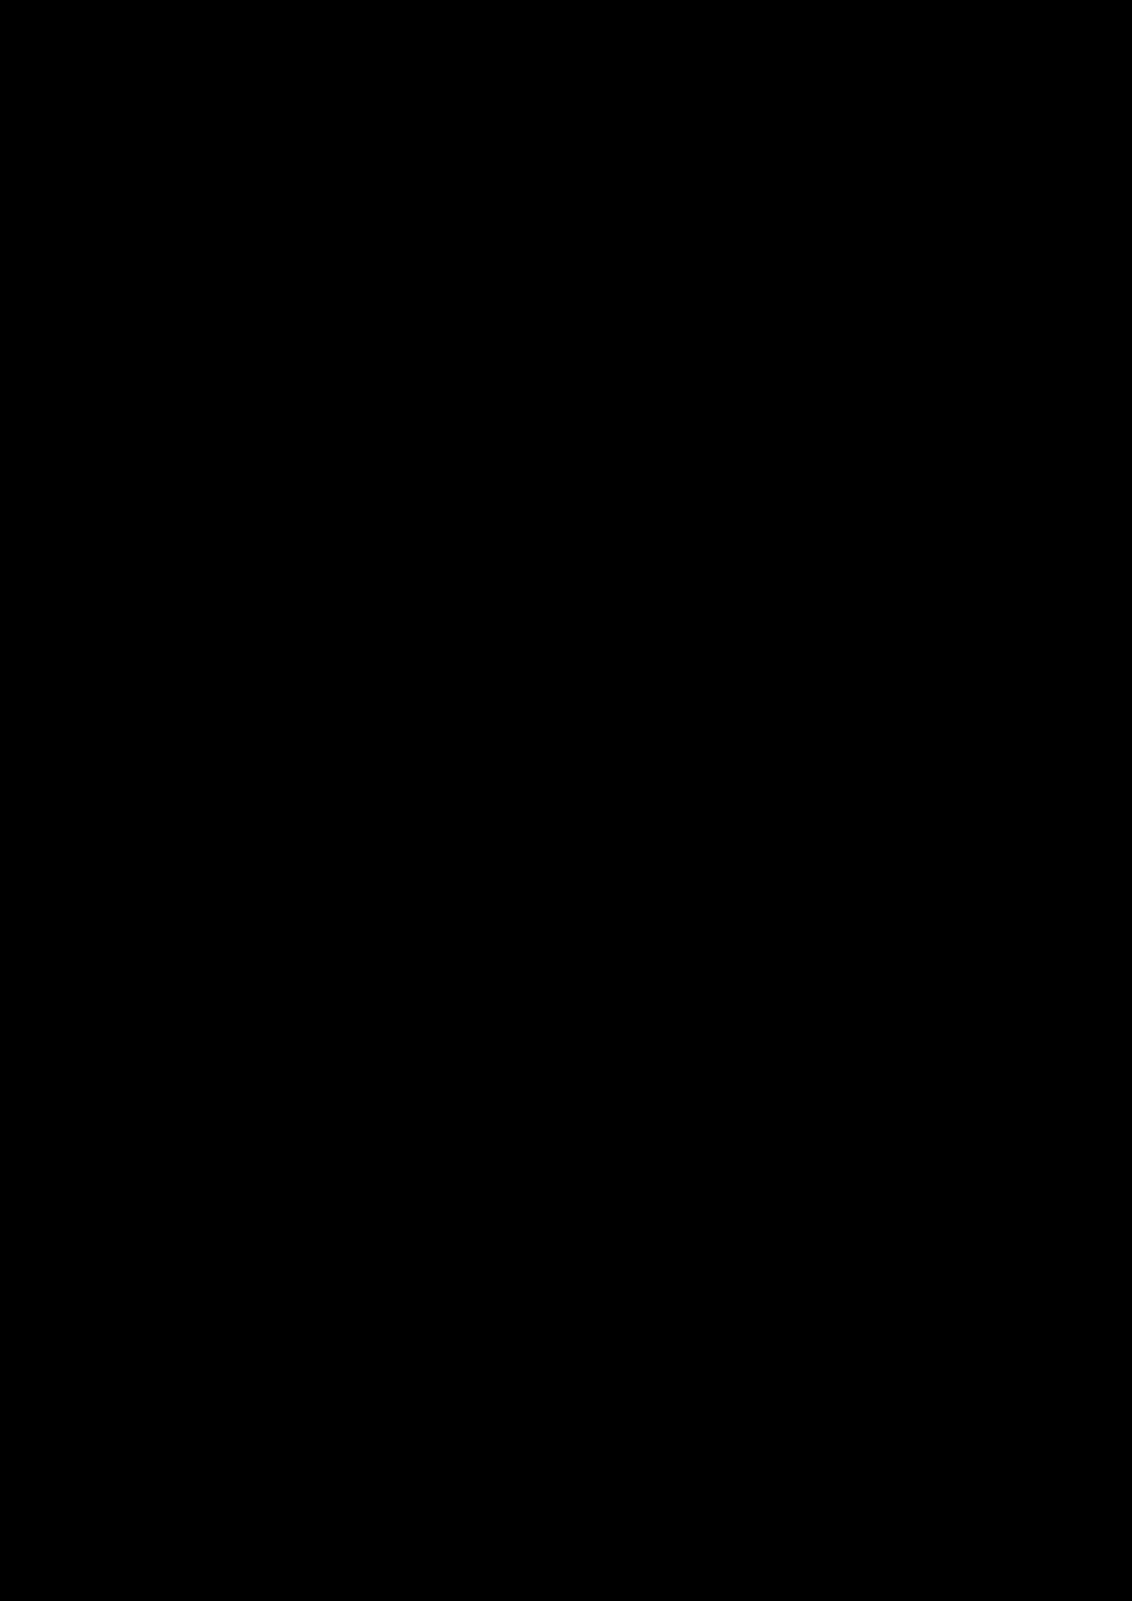 Zagadka volshebnoy stranyi slide, Image 143